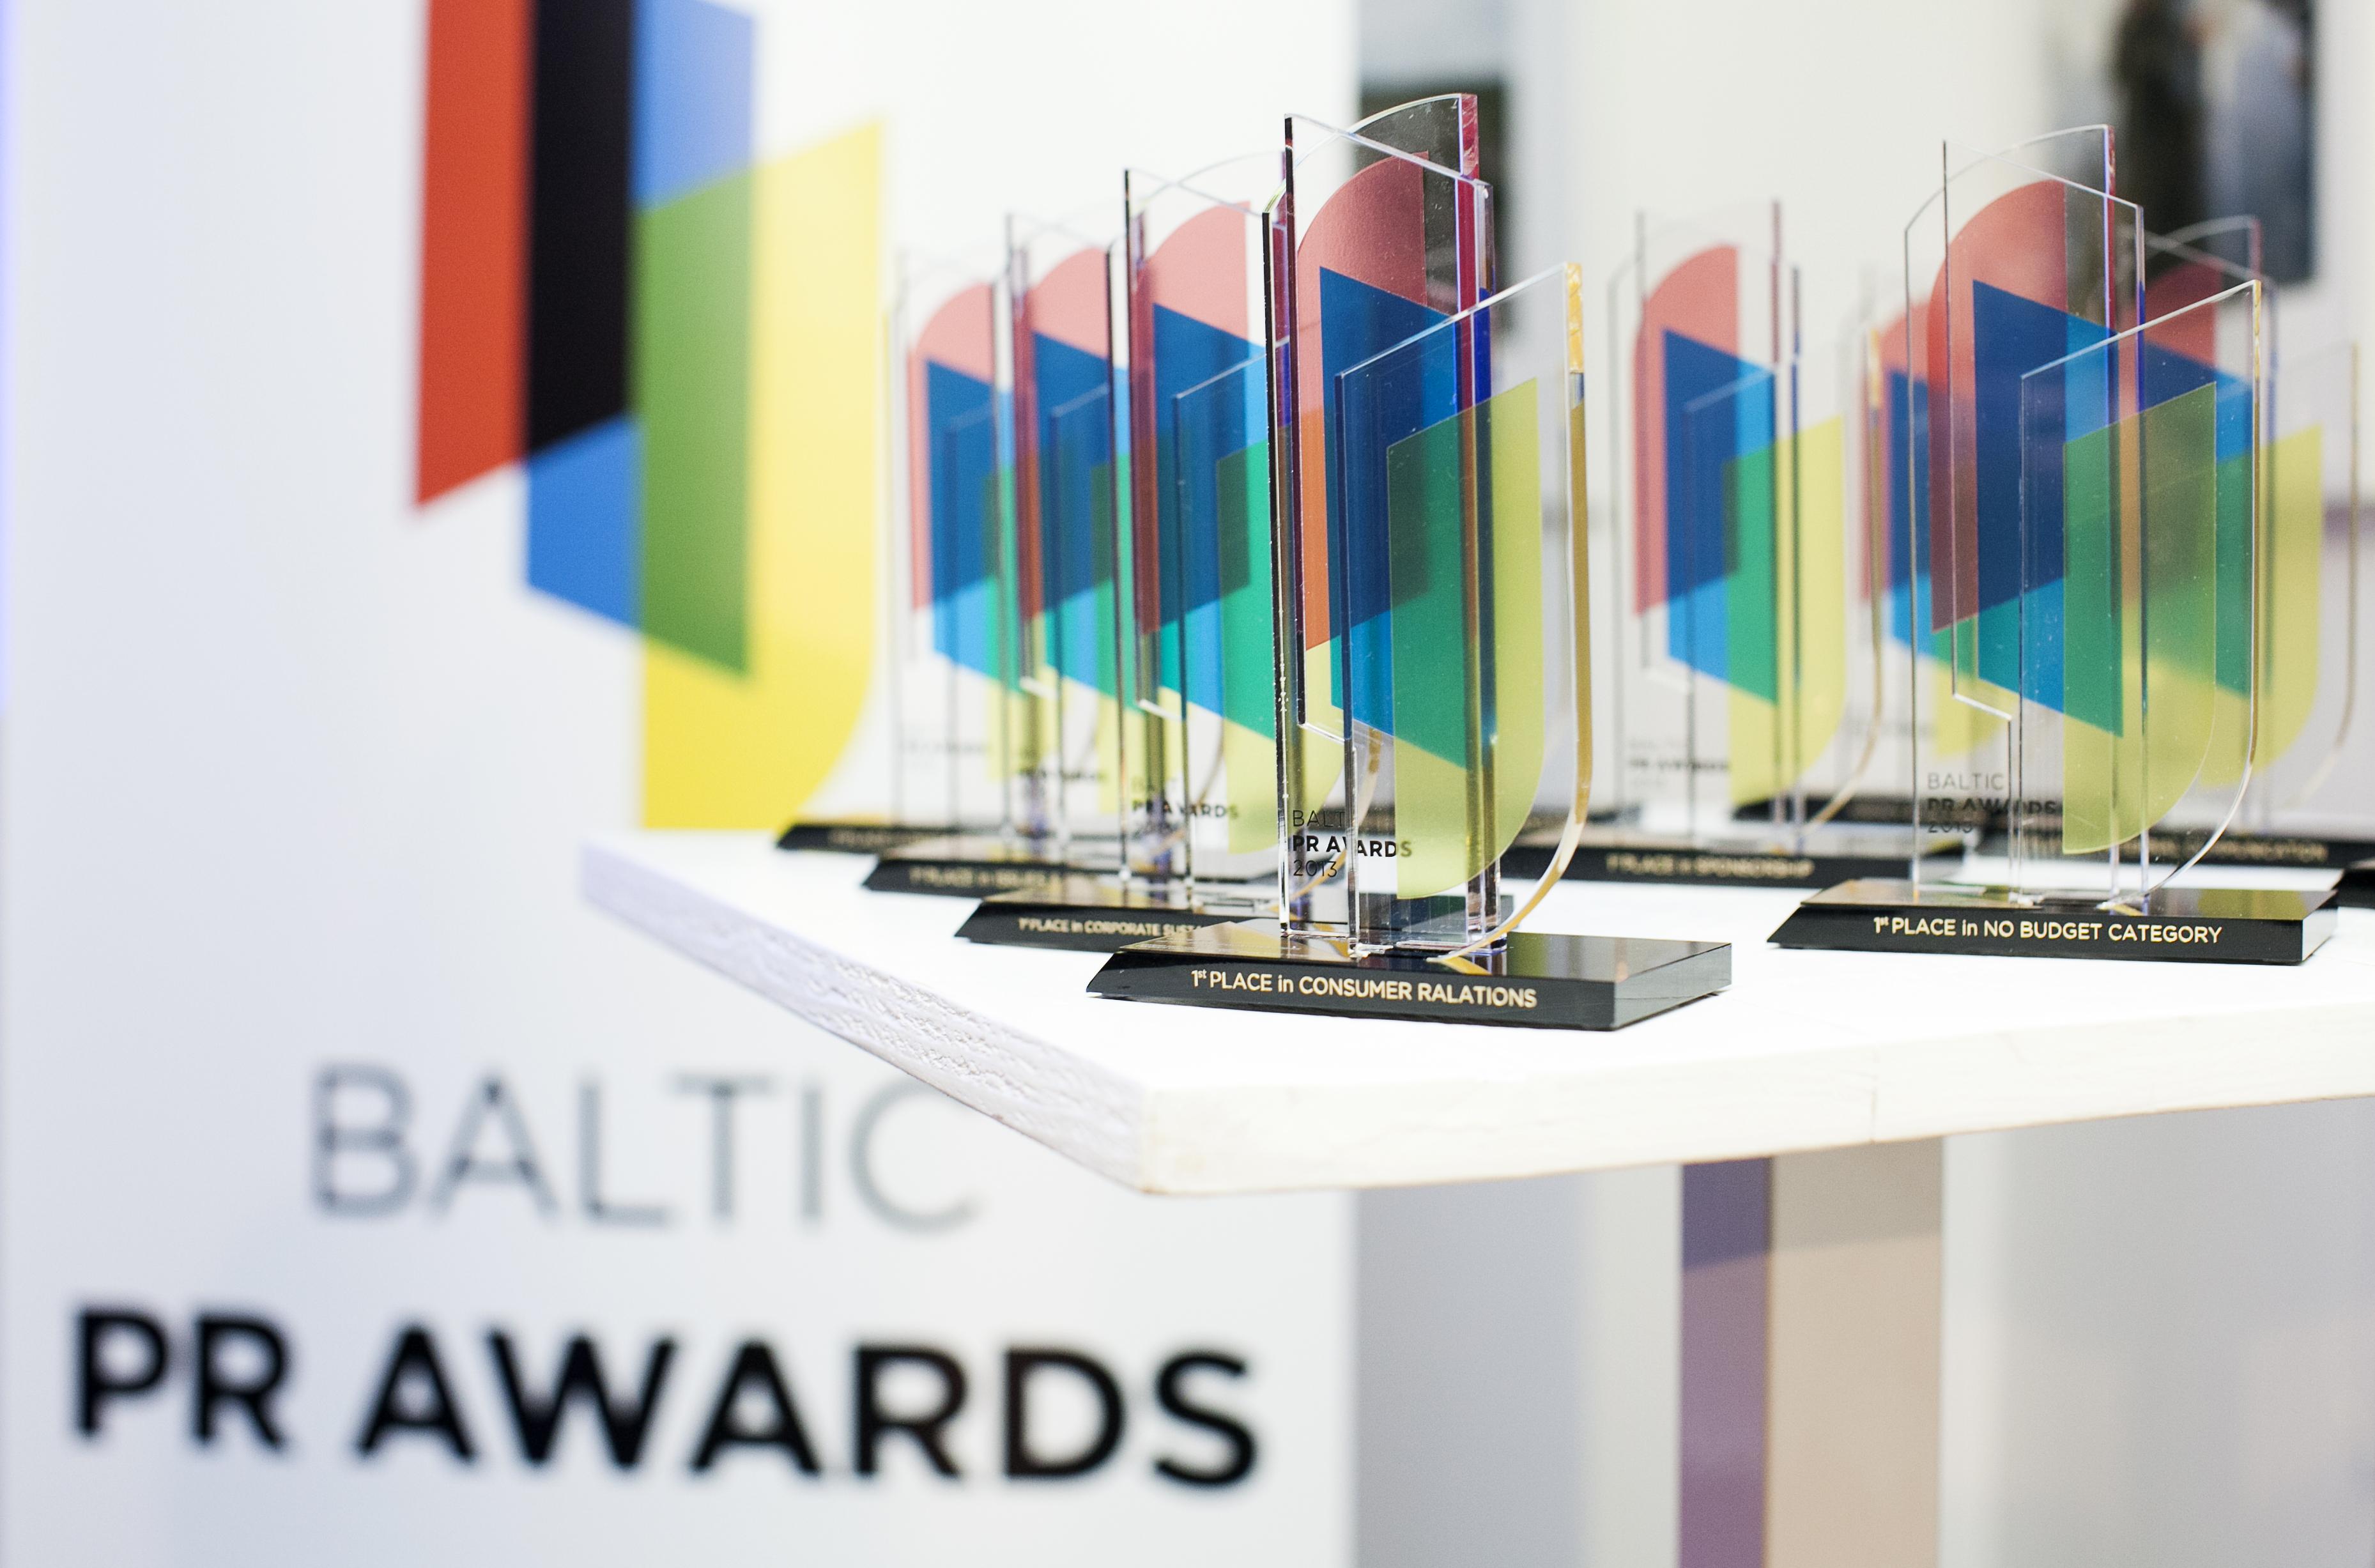 Deep White saņem 3 balvas konkursā Baltic PR Awards 2009